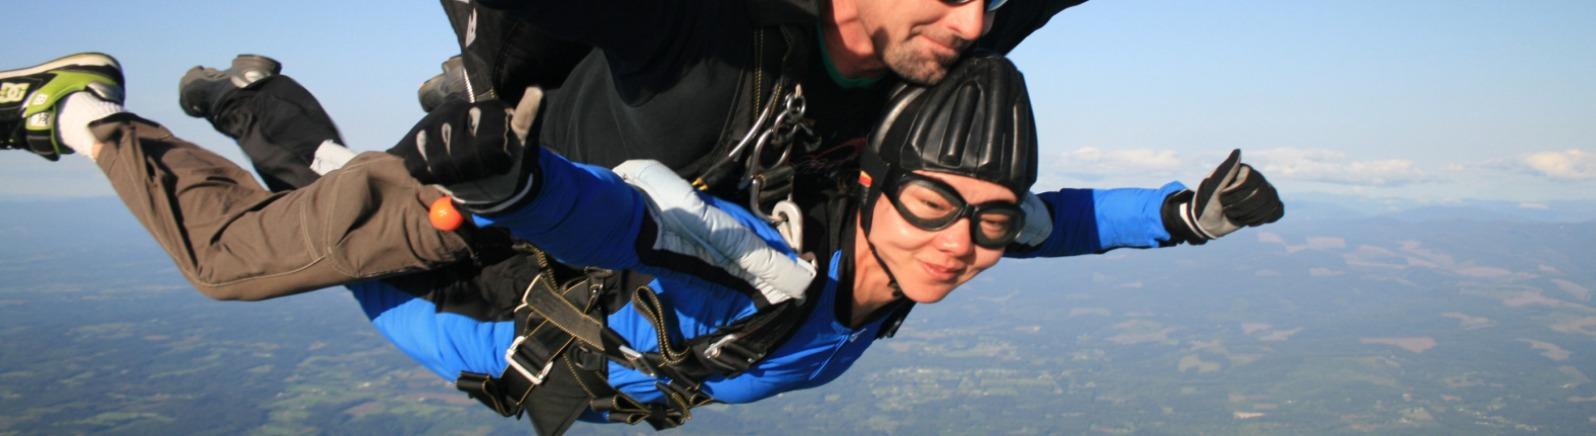 Skydiving, tandem